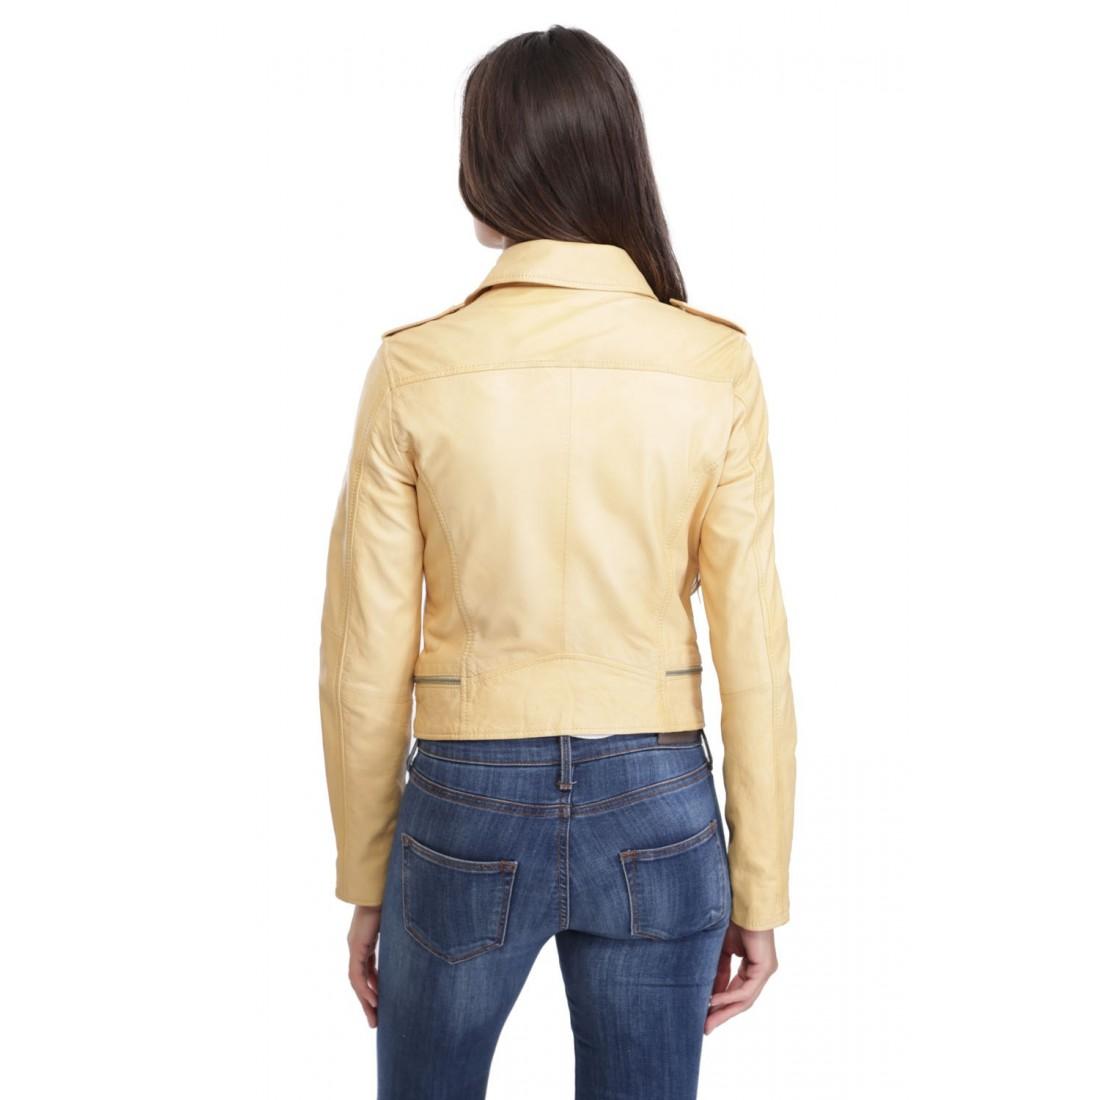 blouson cuir femme beige clair les vestes la mode sont populaires partout dans le monde. Black Bedroom Furniture Sets. Home Design Ideas